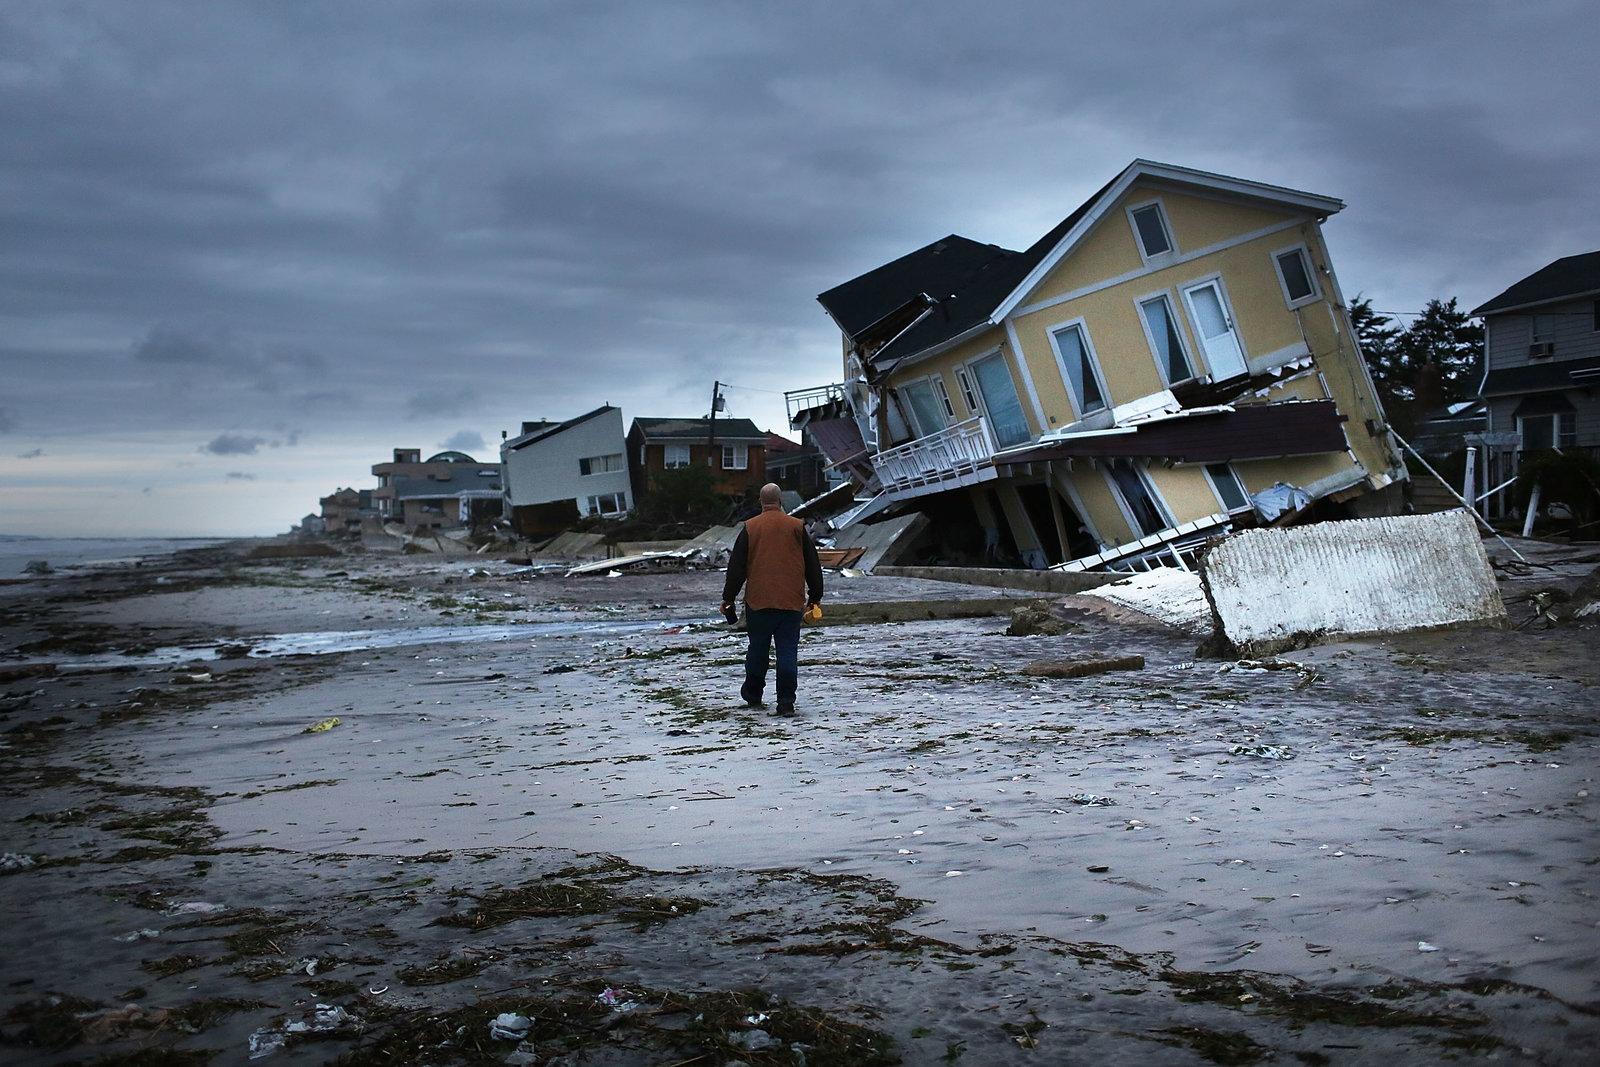 Superstorm Sandy devastated the New York neighborhoods of the Rockaways